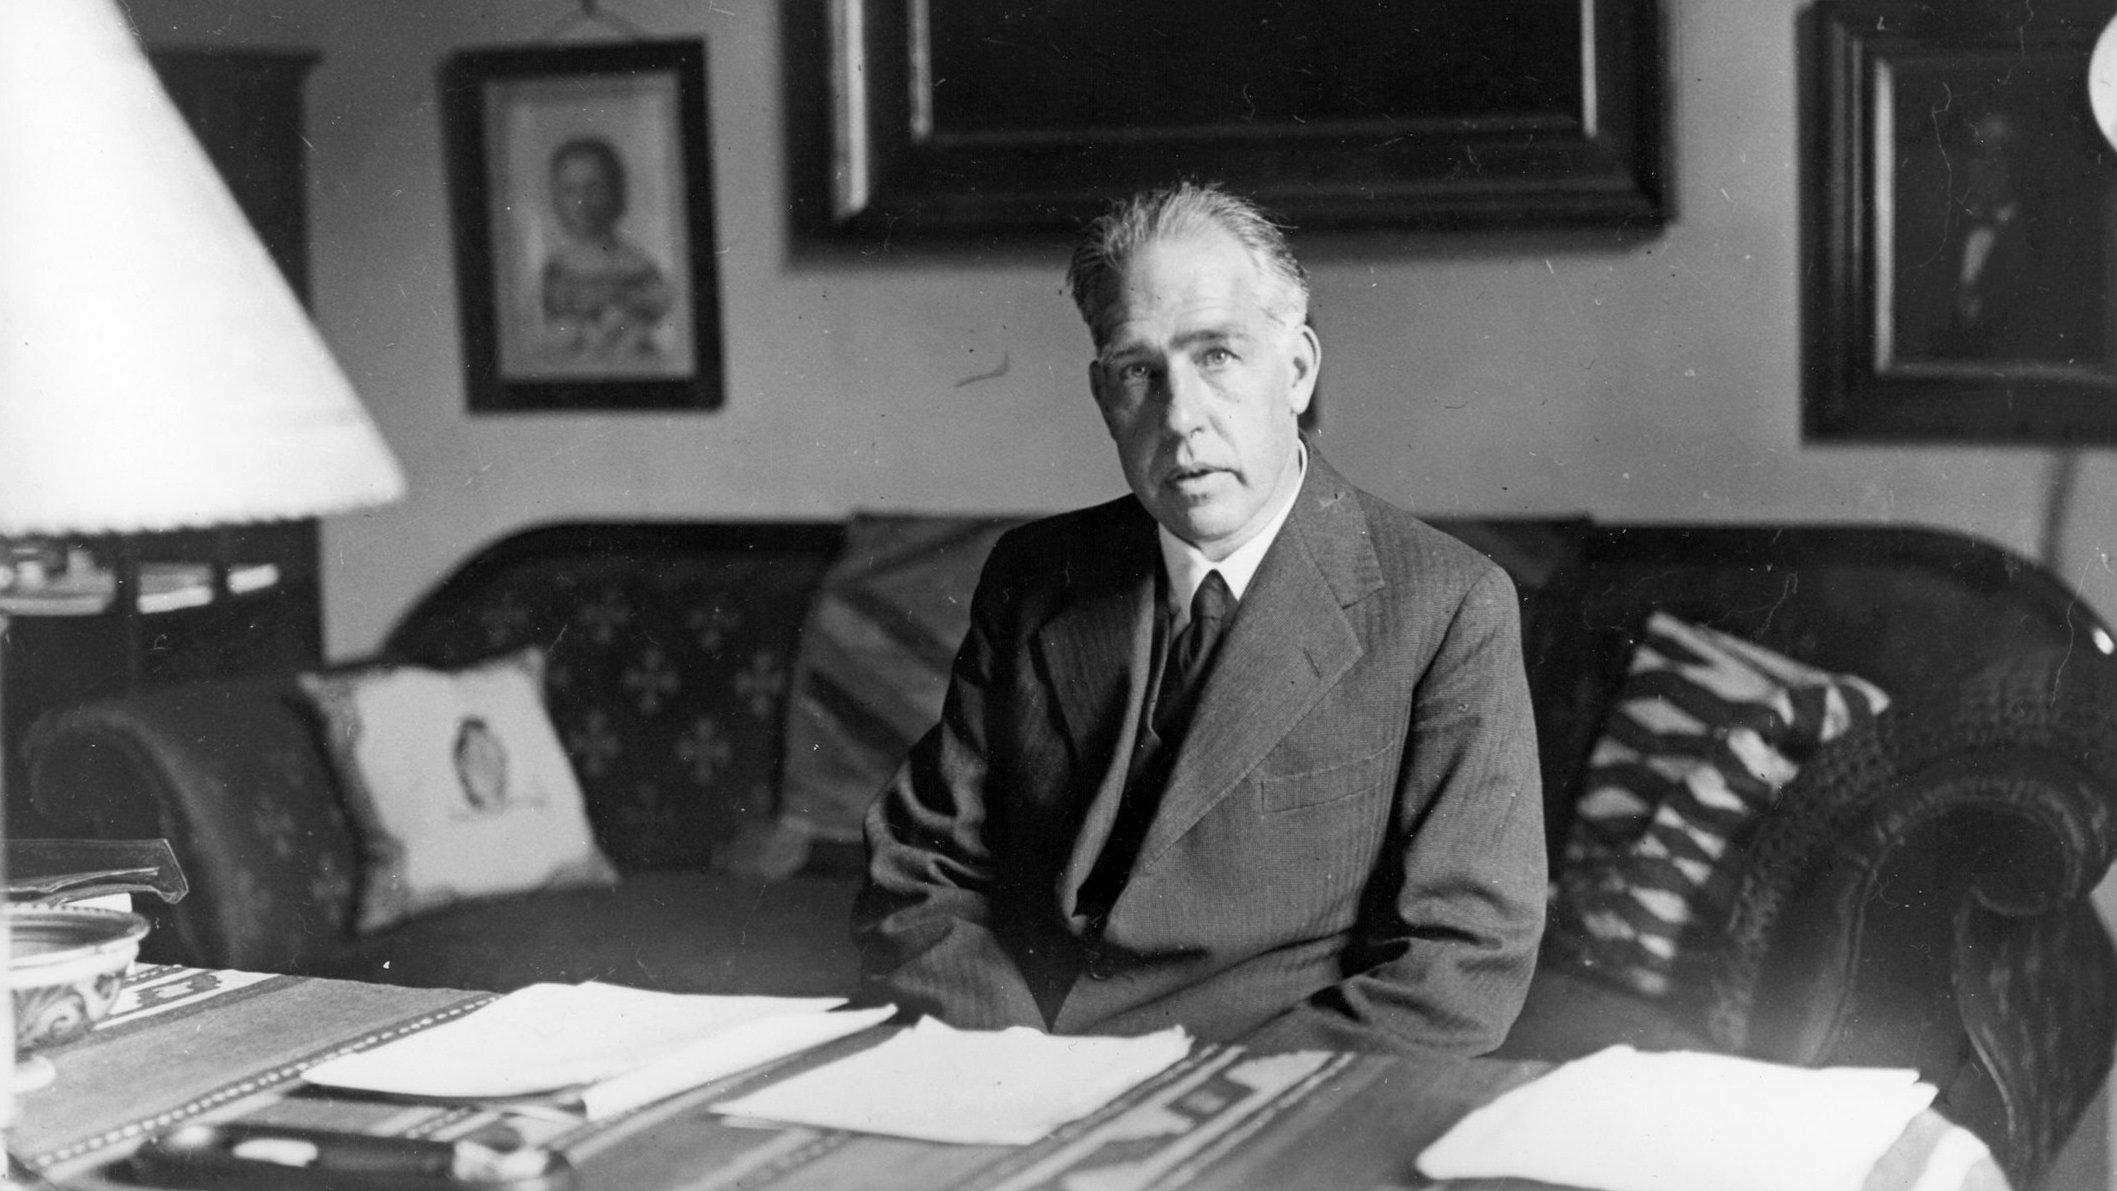 Den danske fysiker Niels Bohr har spillet en stor rolle i opdagelsen af atomets opbygning.